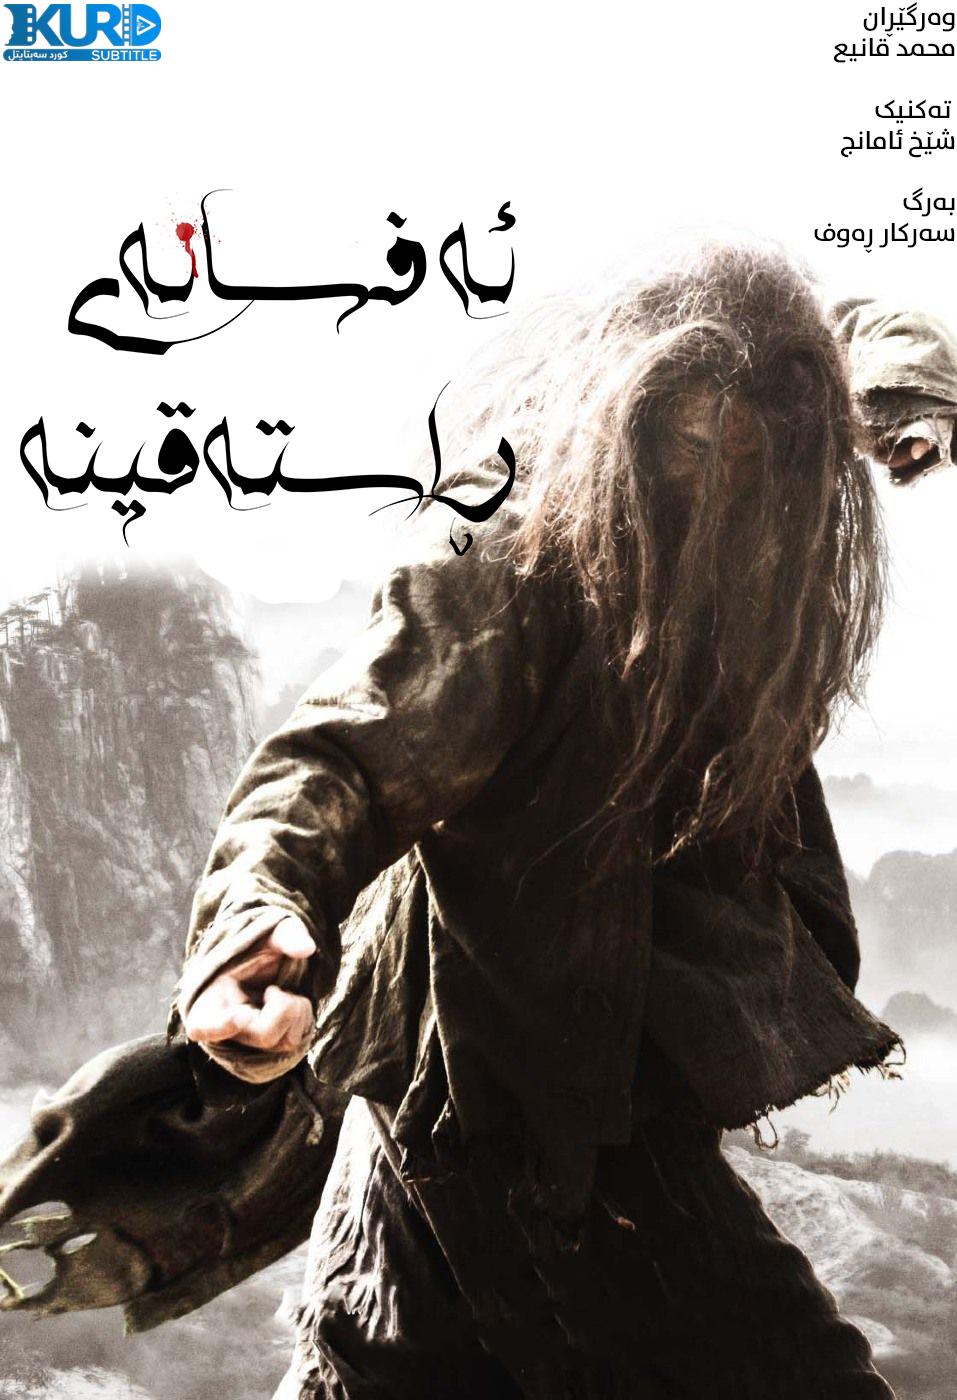 True Legend kurdish poster